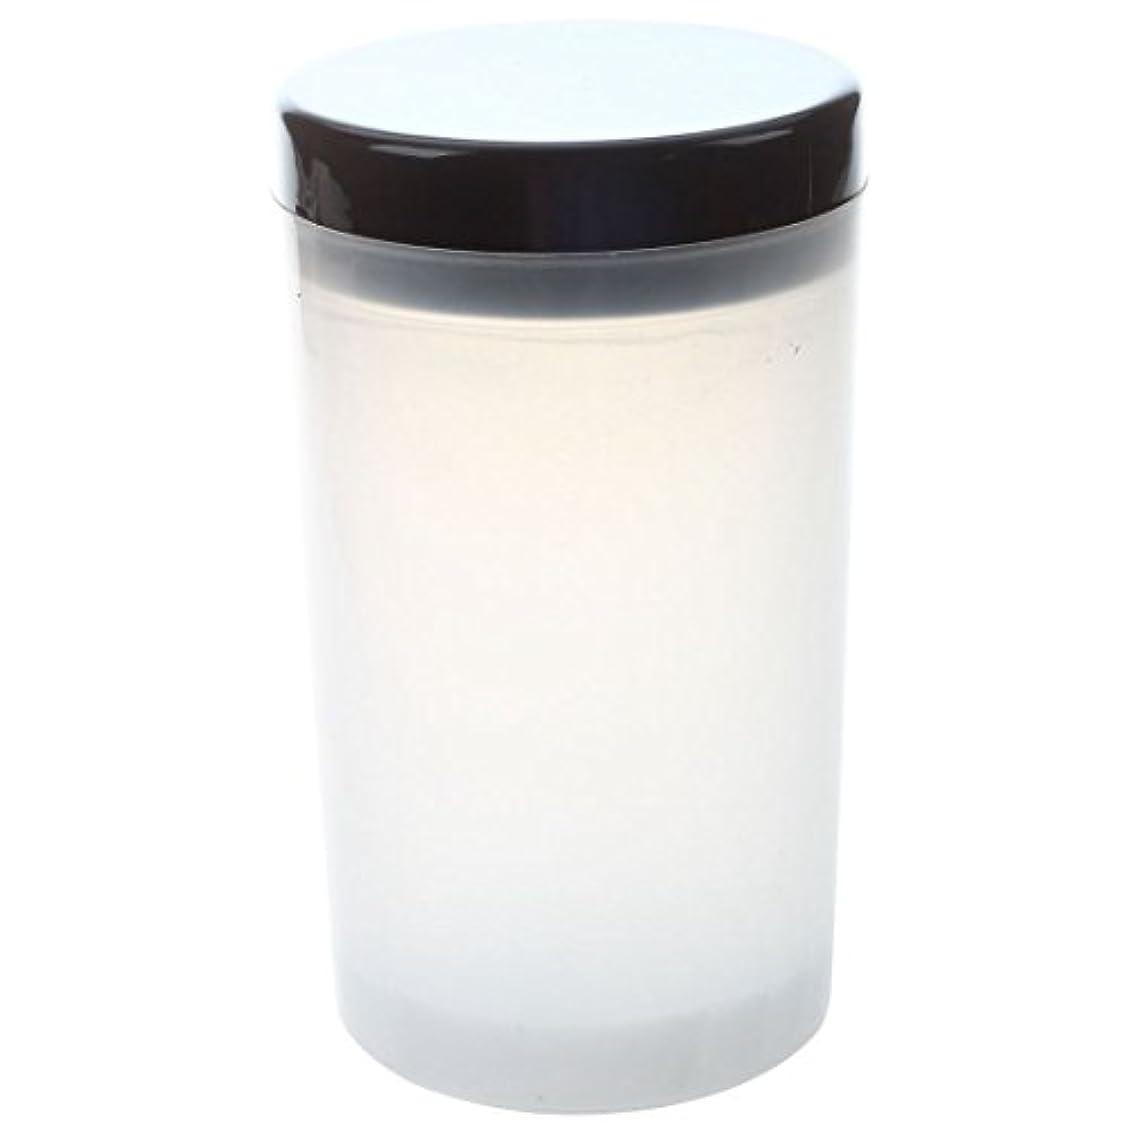 既に回想の配列Cikuso ネイルアートチップブラシホルダー リムーバーカップカップ浸漬ブラシ クリーナーボトル